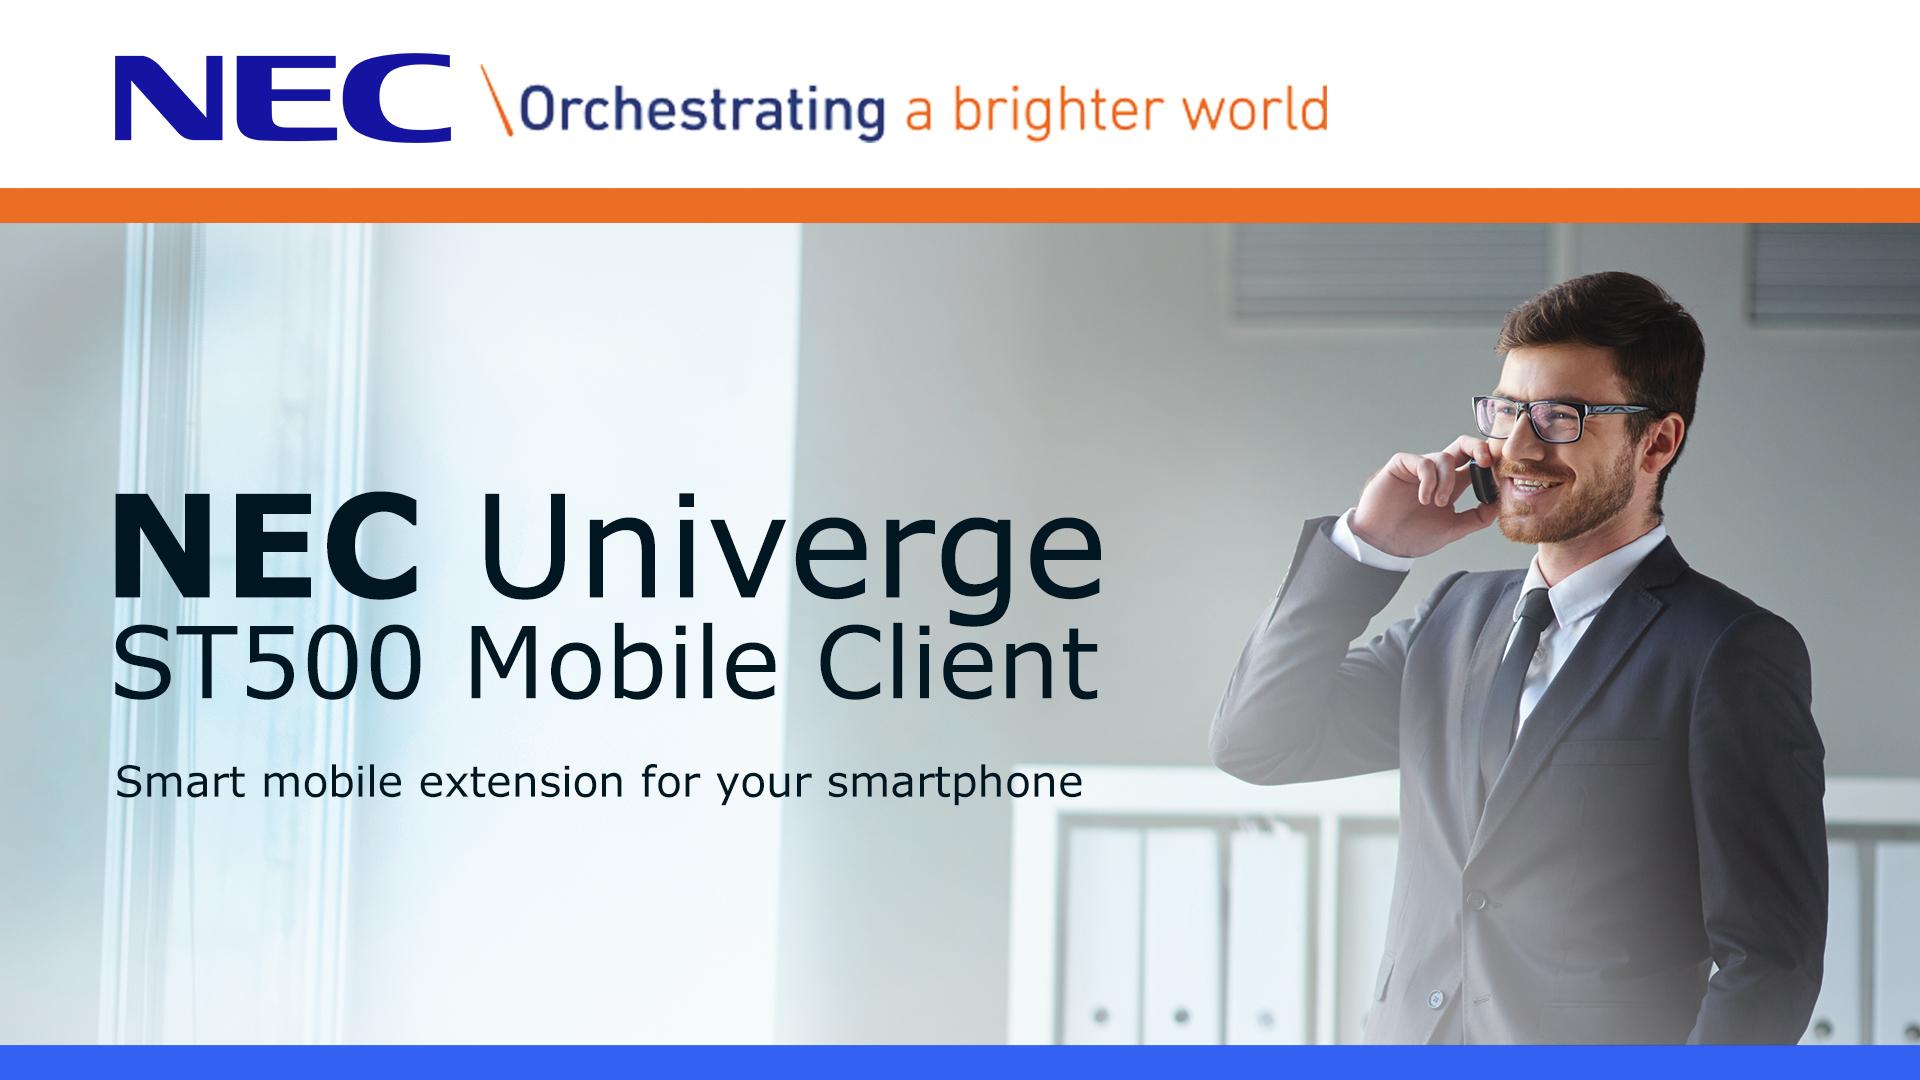 NEC Univerge ST500 Mobile Client